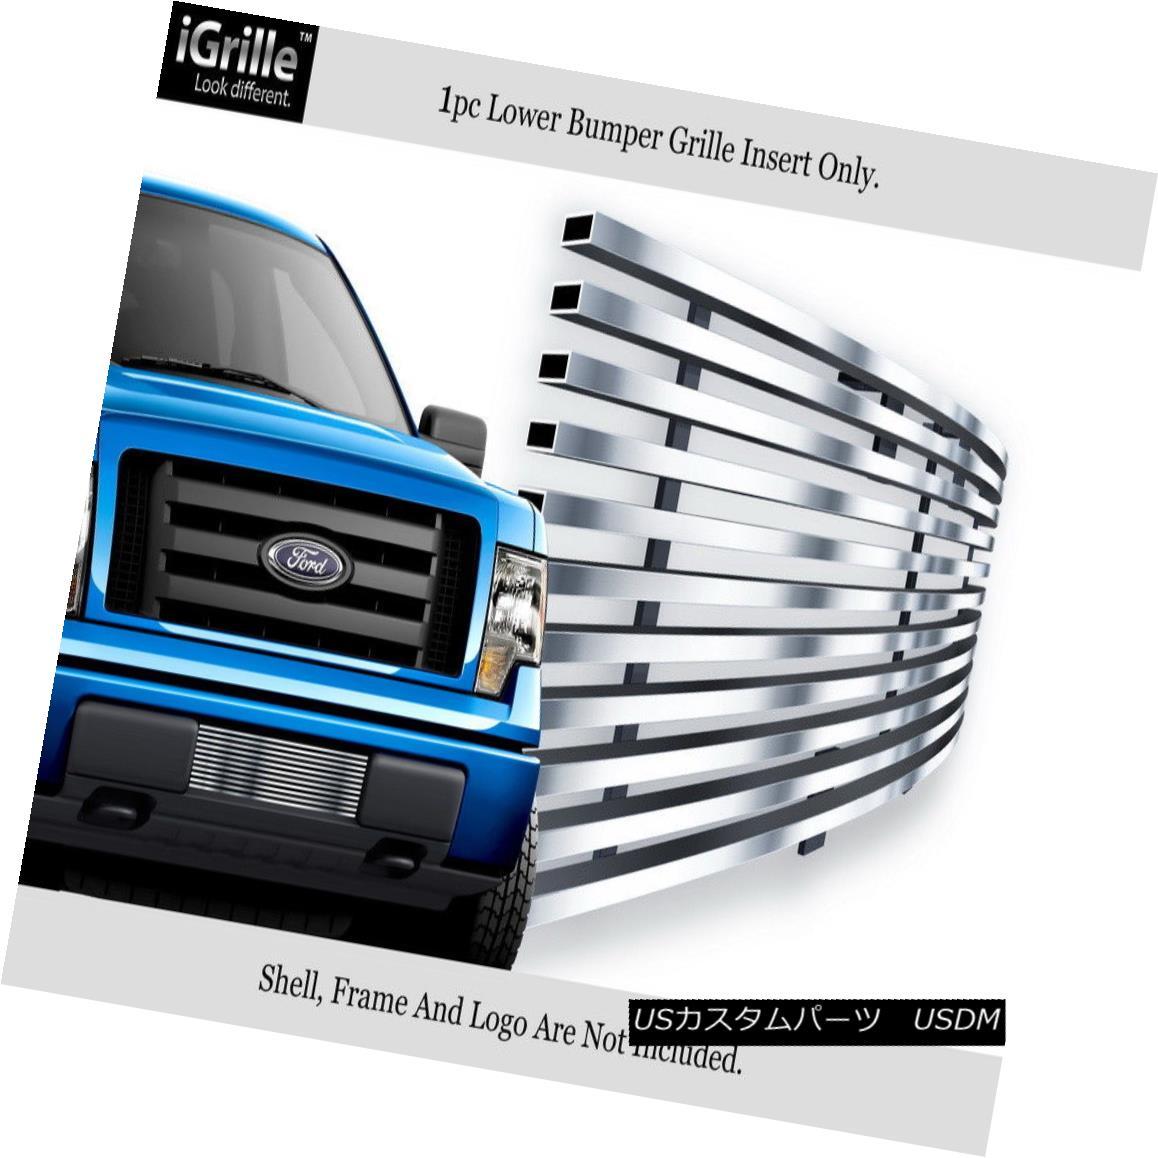 グリル iGrille Stainless Steel Billet Grille Fits 2009-2014 Ford F-150 Bumper iGrilleステンレス鋼のビレットのグリルは2009-2014年に合うFord F-150バンパー